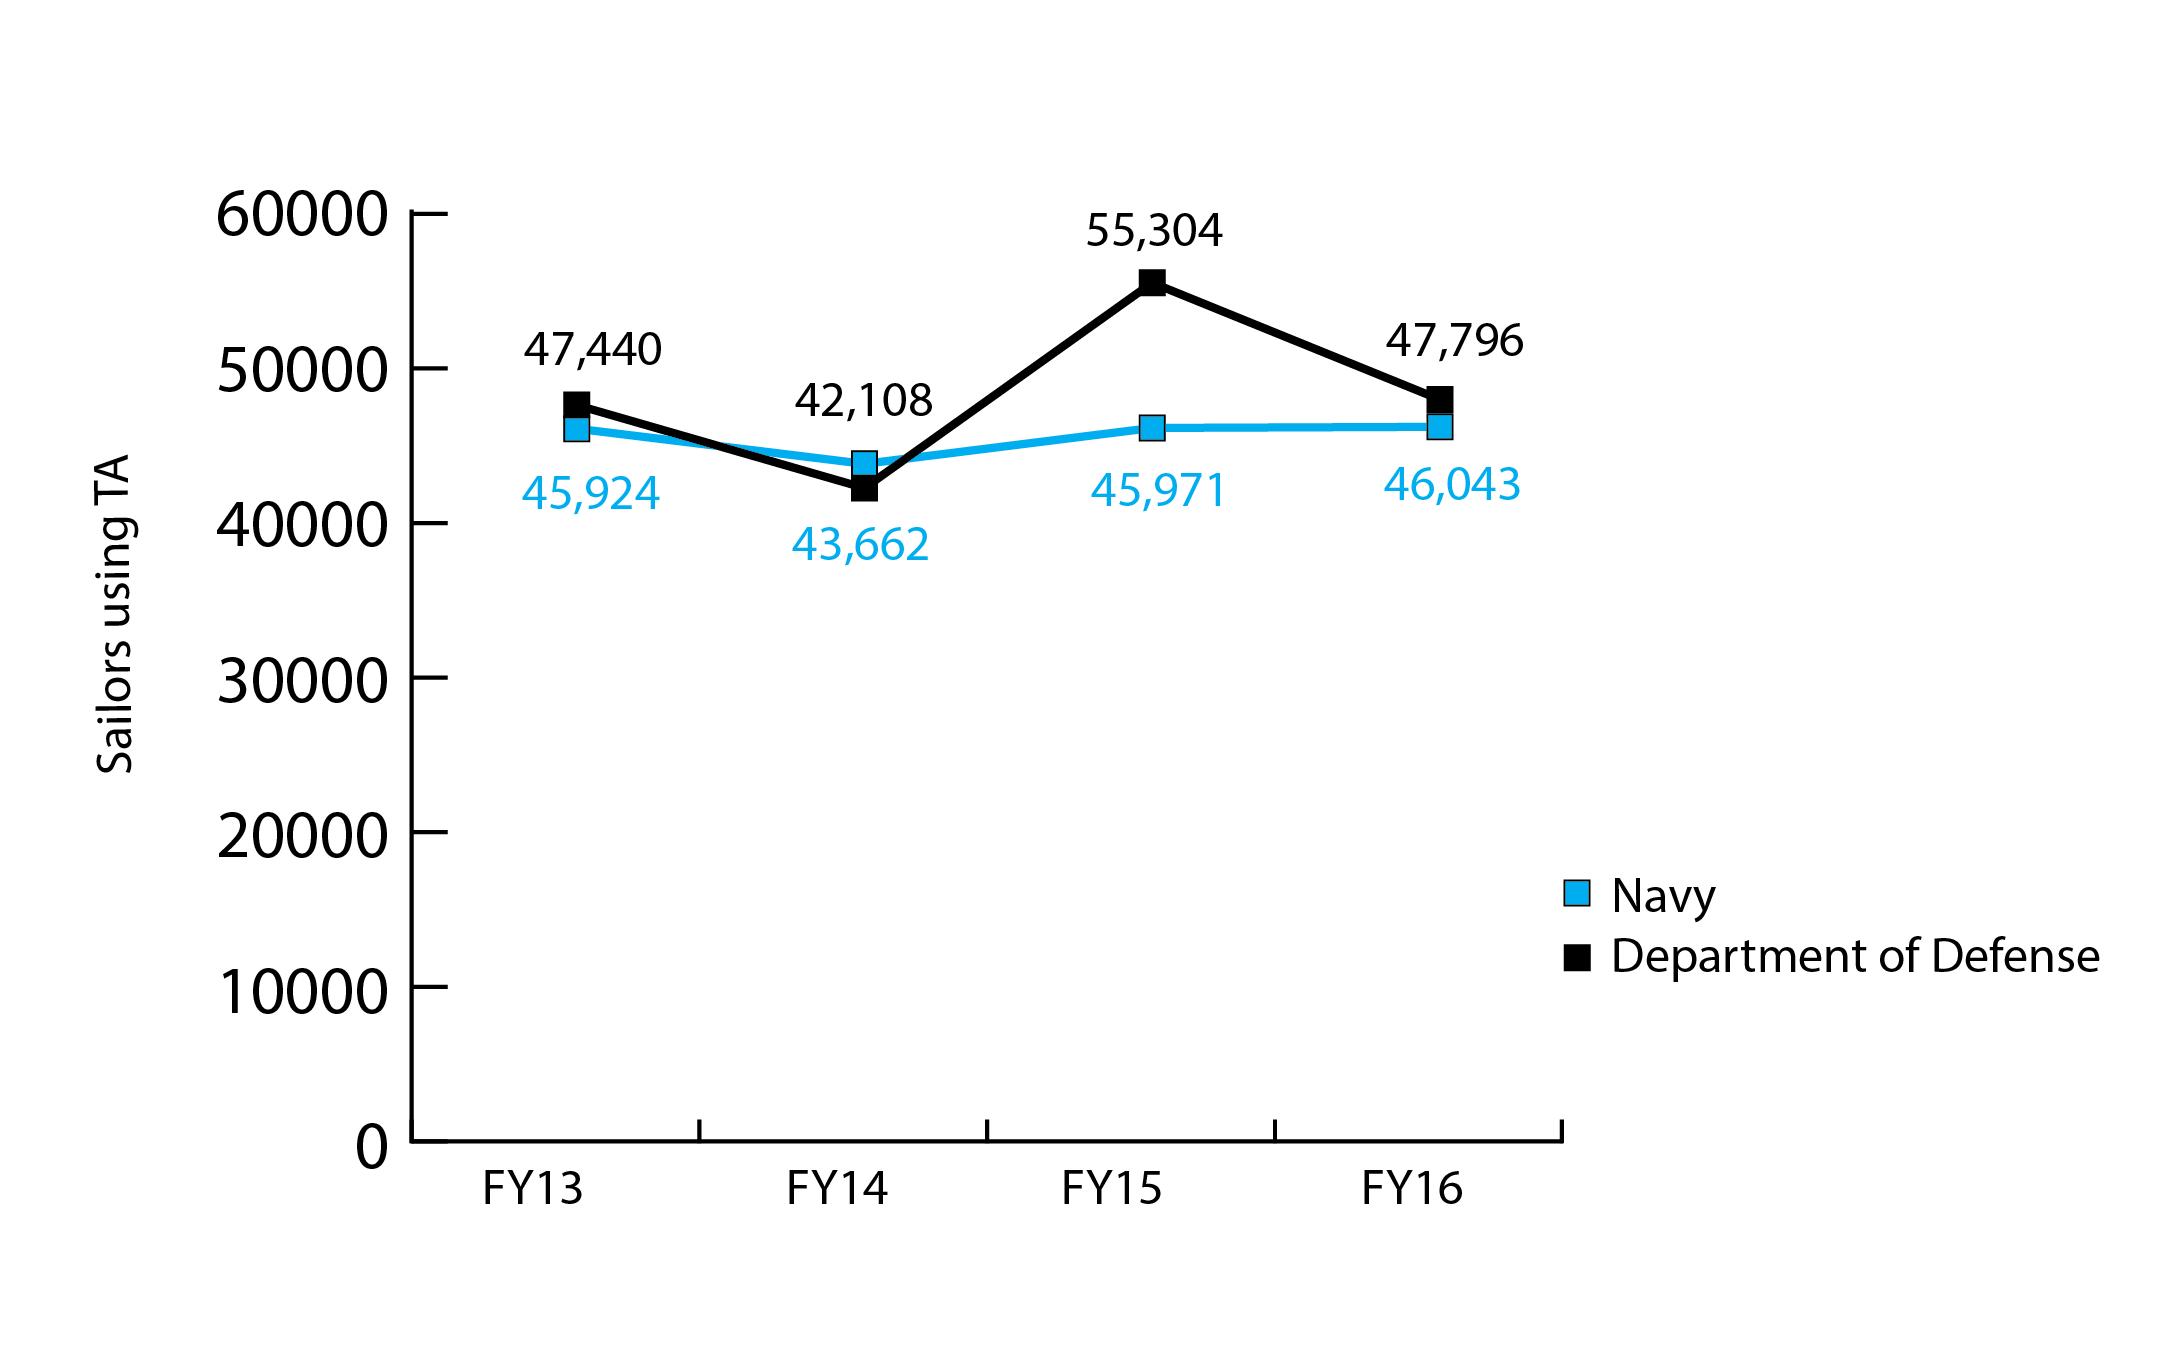 Sailors using TA